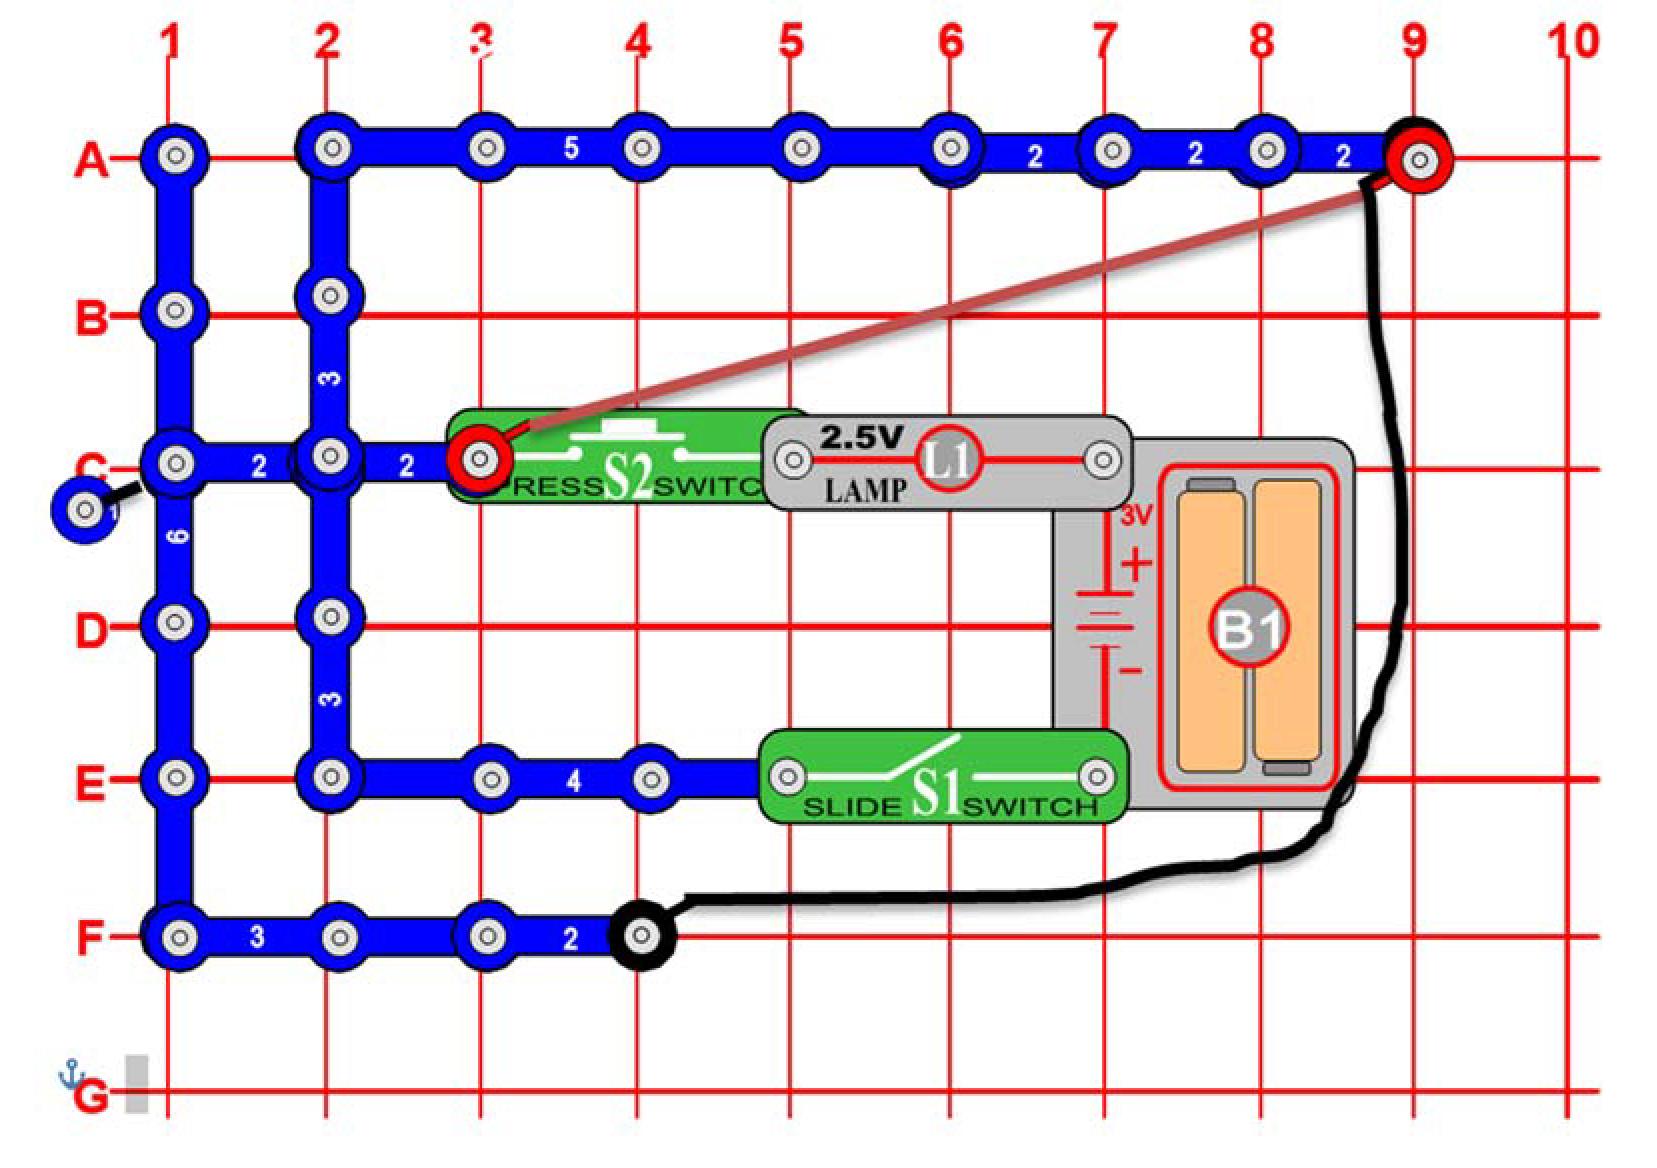 Virtual Circuit Builder